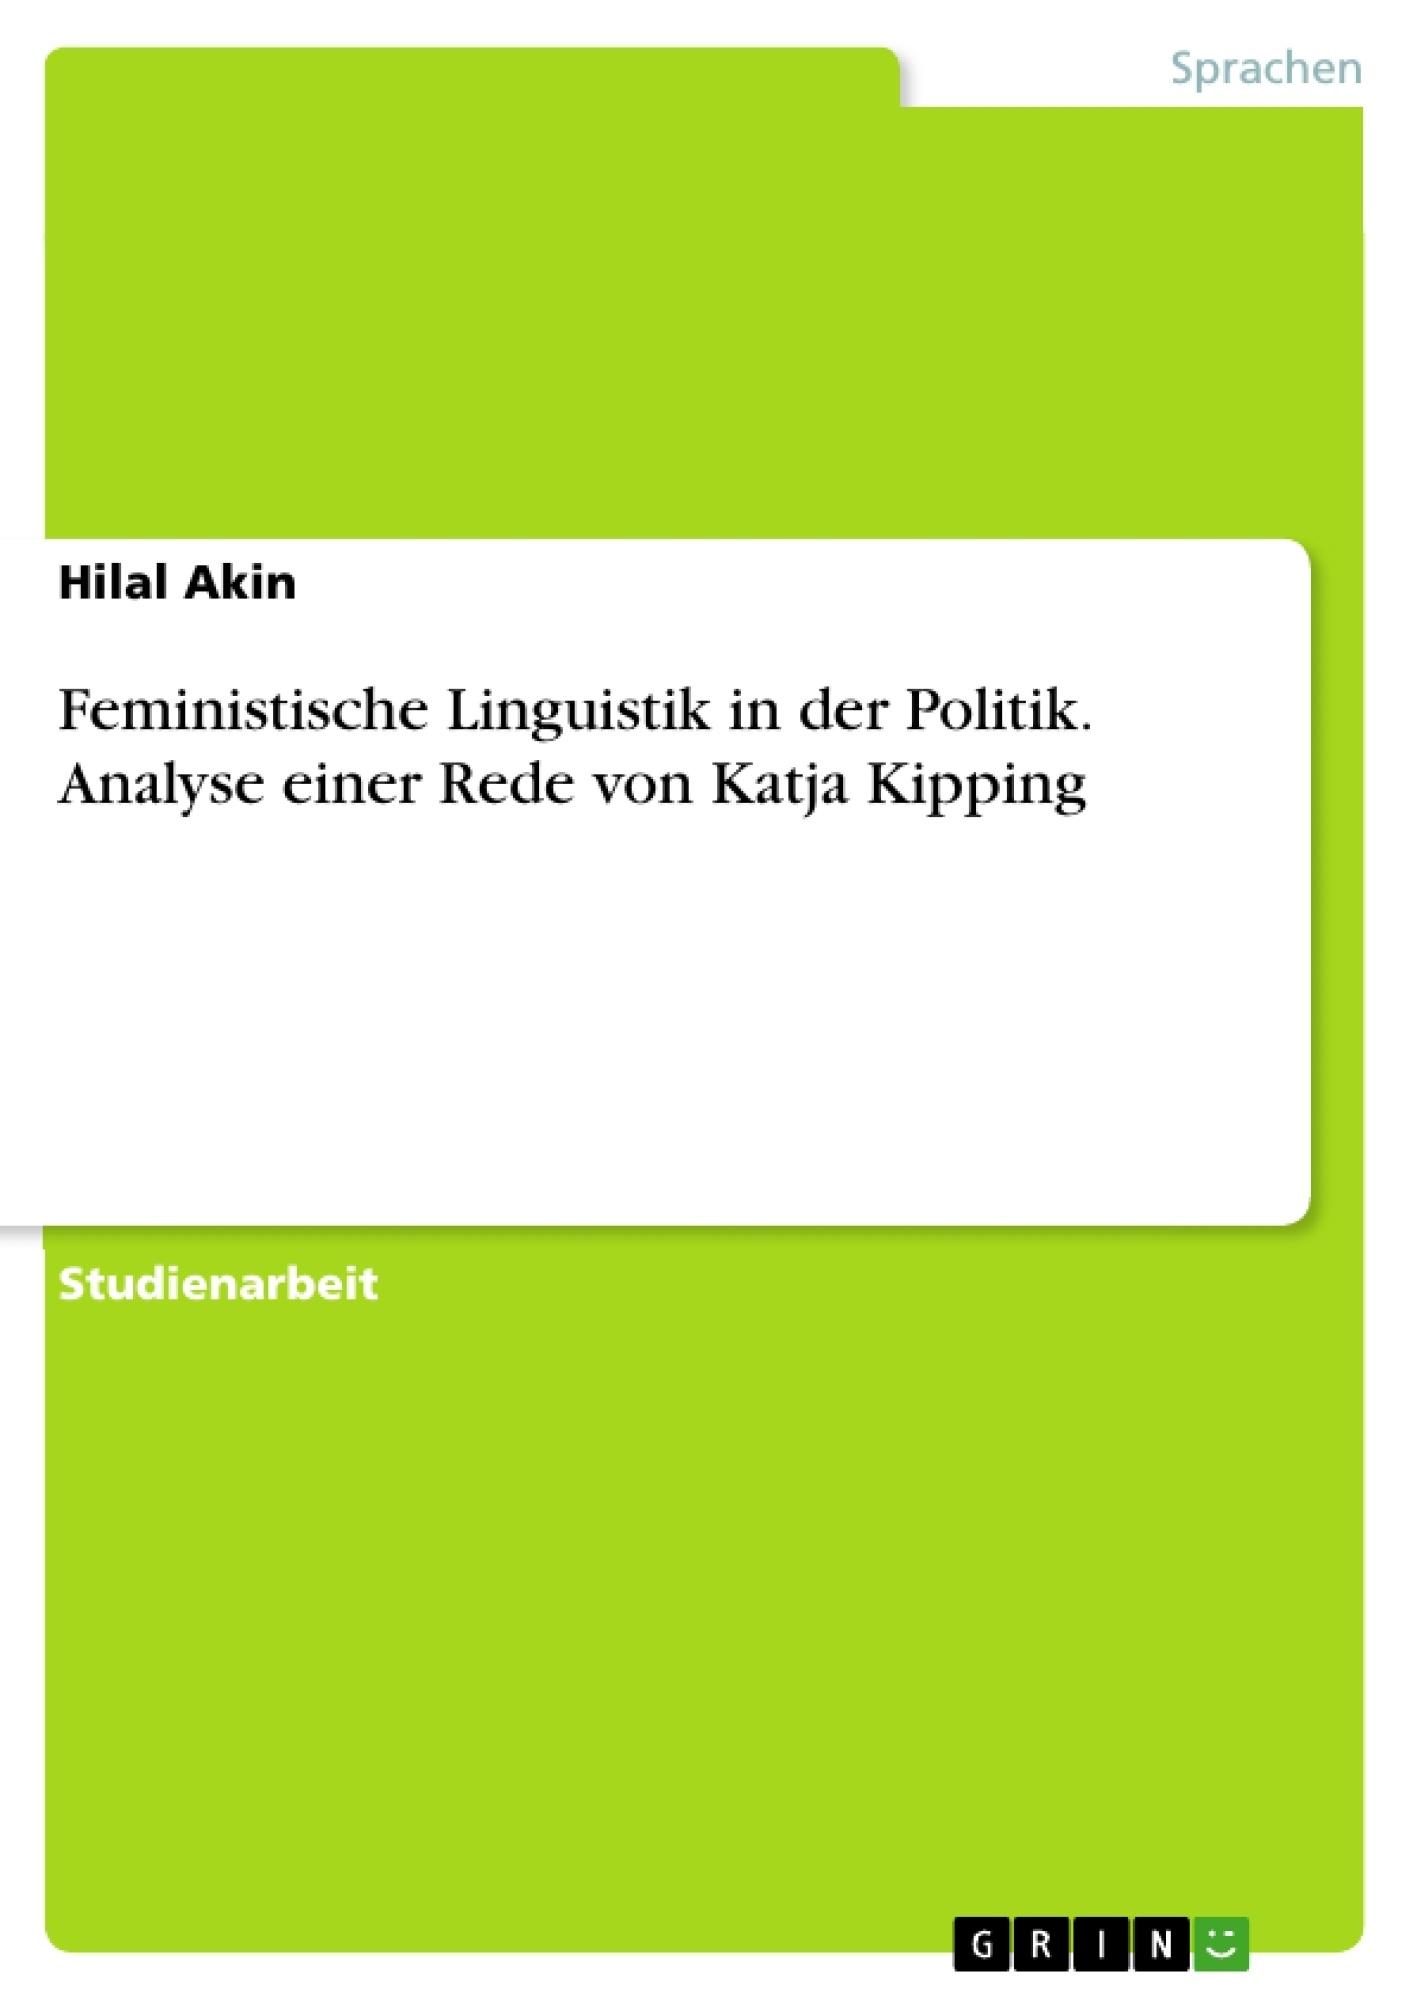 Titel: Feministische Linguistik in der Politik. Analyse einer Rede von Katja Kipping